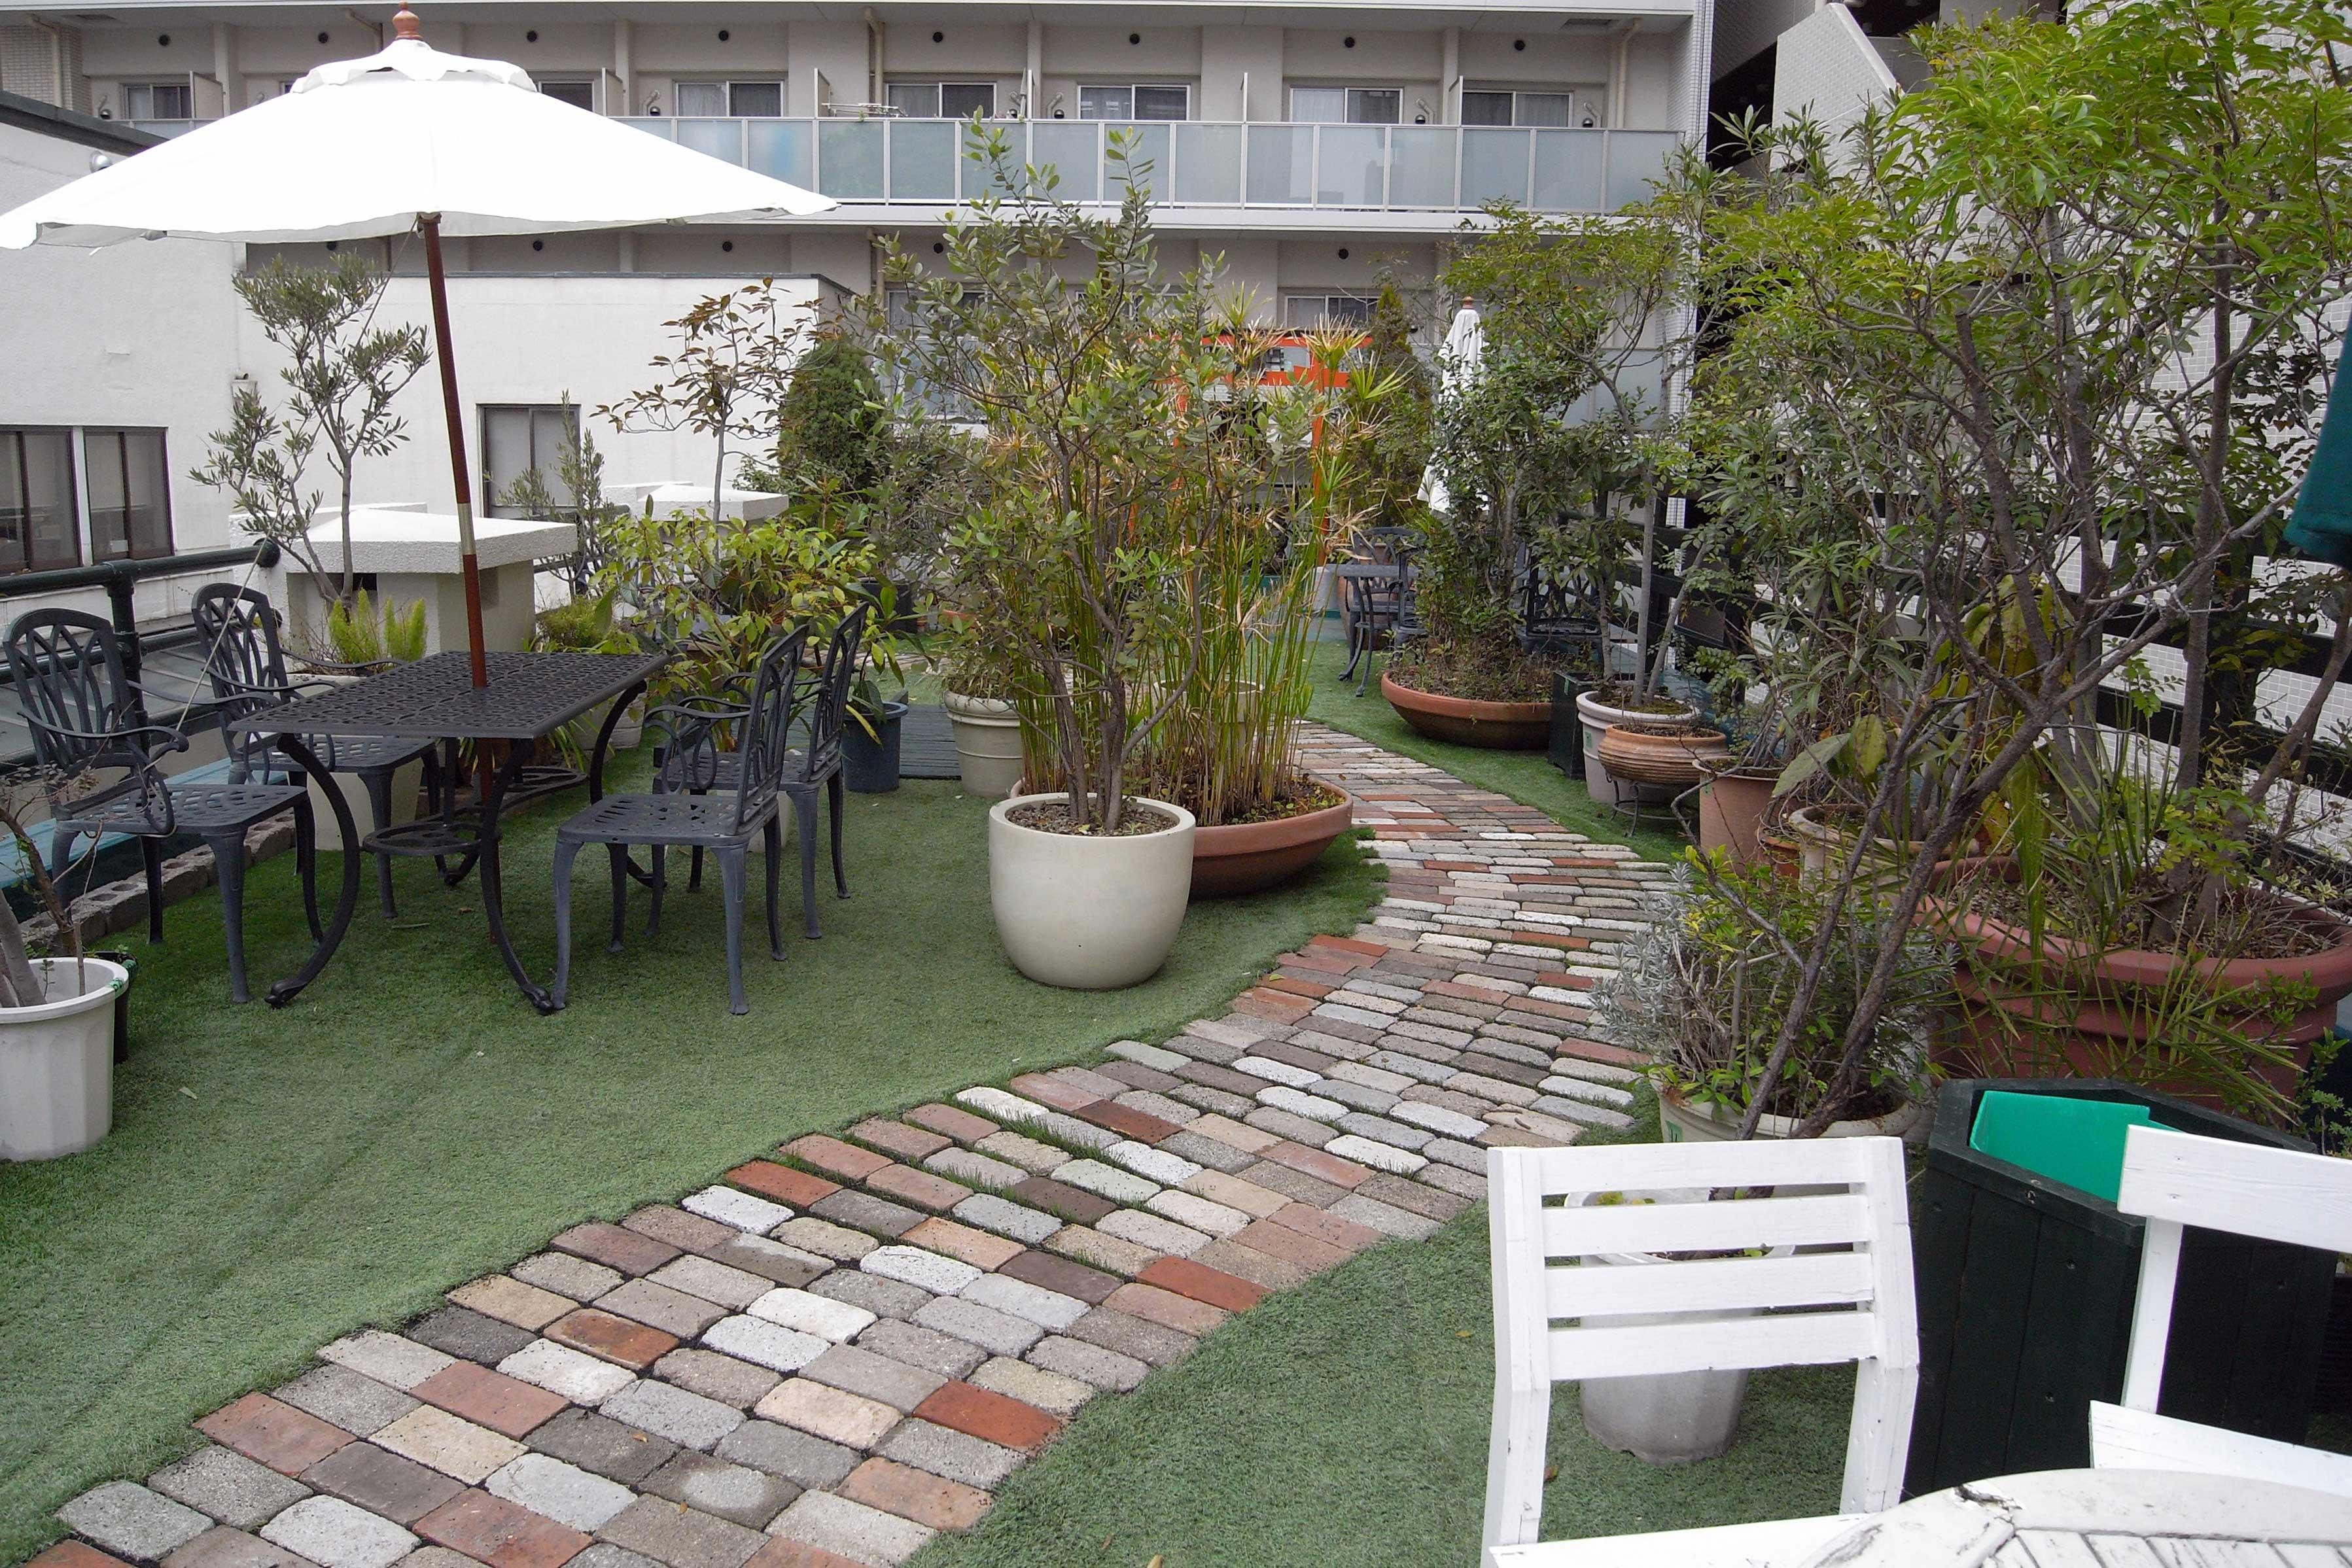 <p>屋上庭園</p>仕事の息抜きが出来る、手入れされた屋上庭園